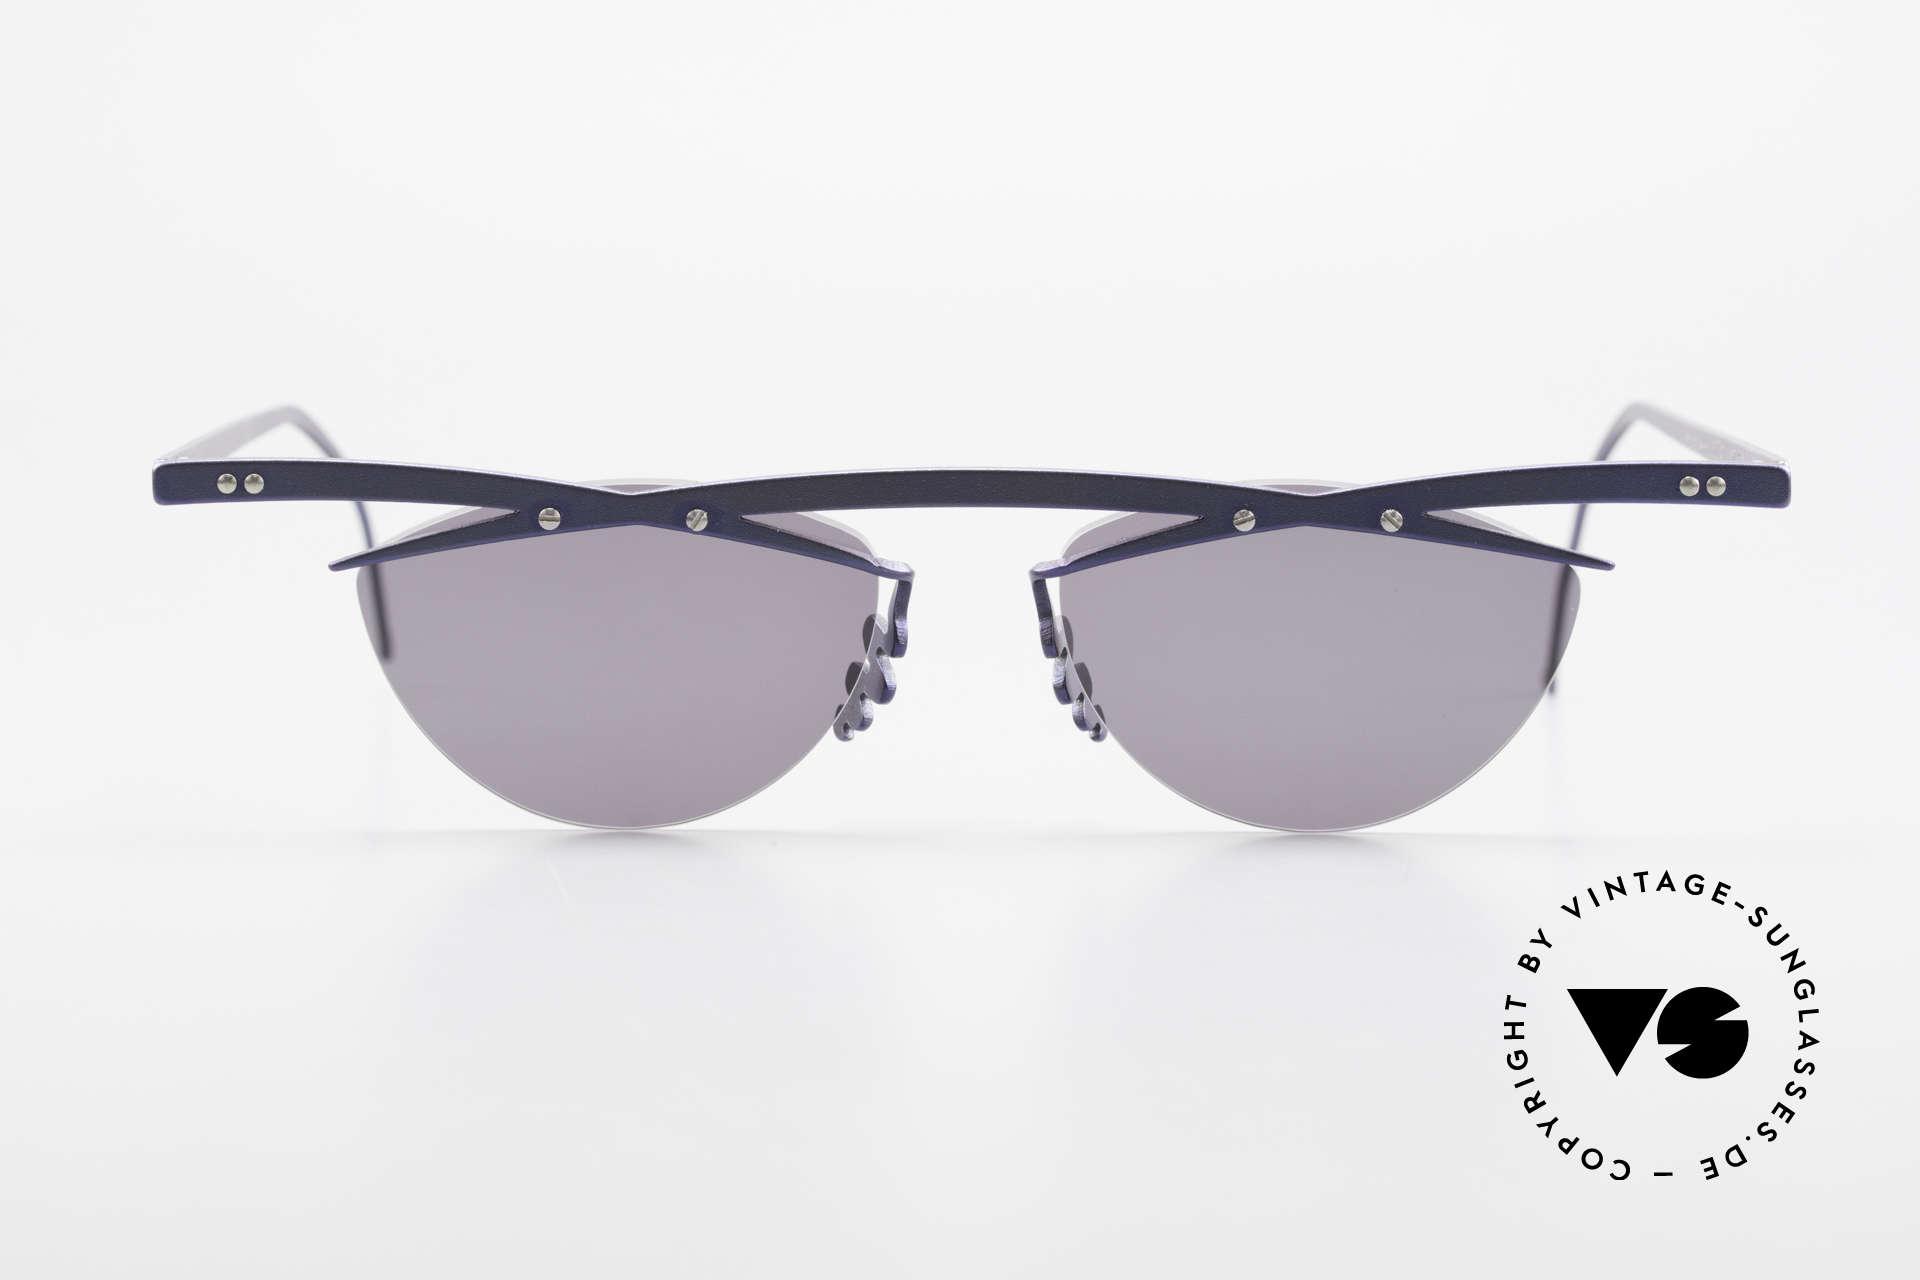 Theo Belgium Tita III 2 Crazy Vintage Sonnenbrille XL, in 1989 gegründet als 'ANTI MAINSTREAM' Brillenmode, Passend für Herren und Damen